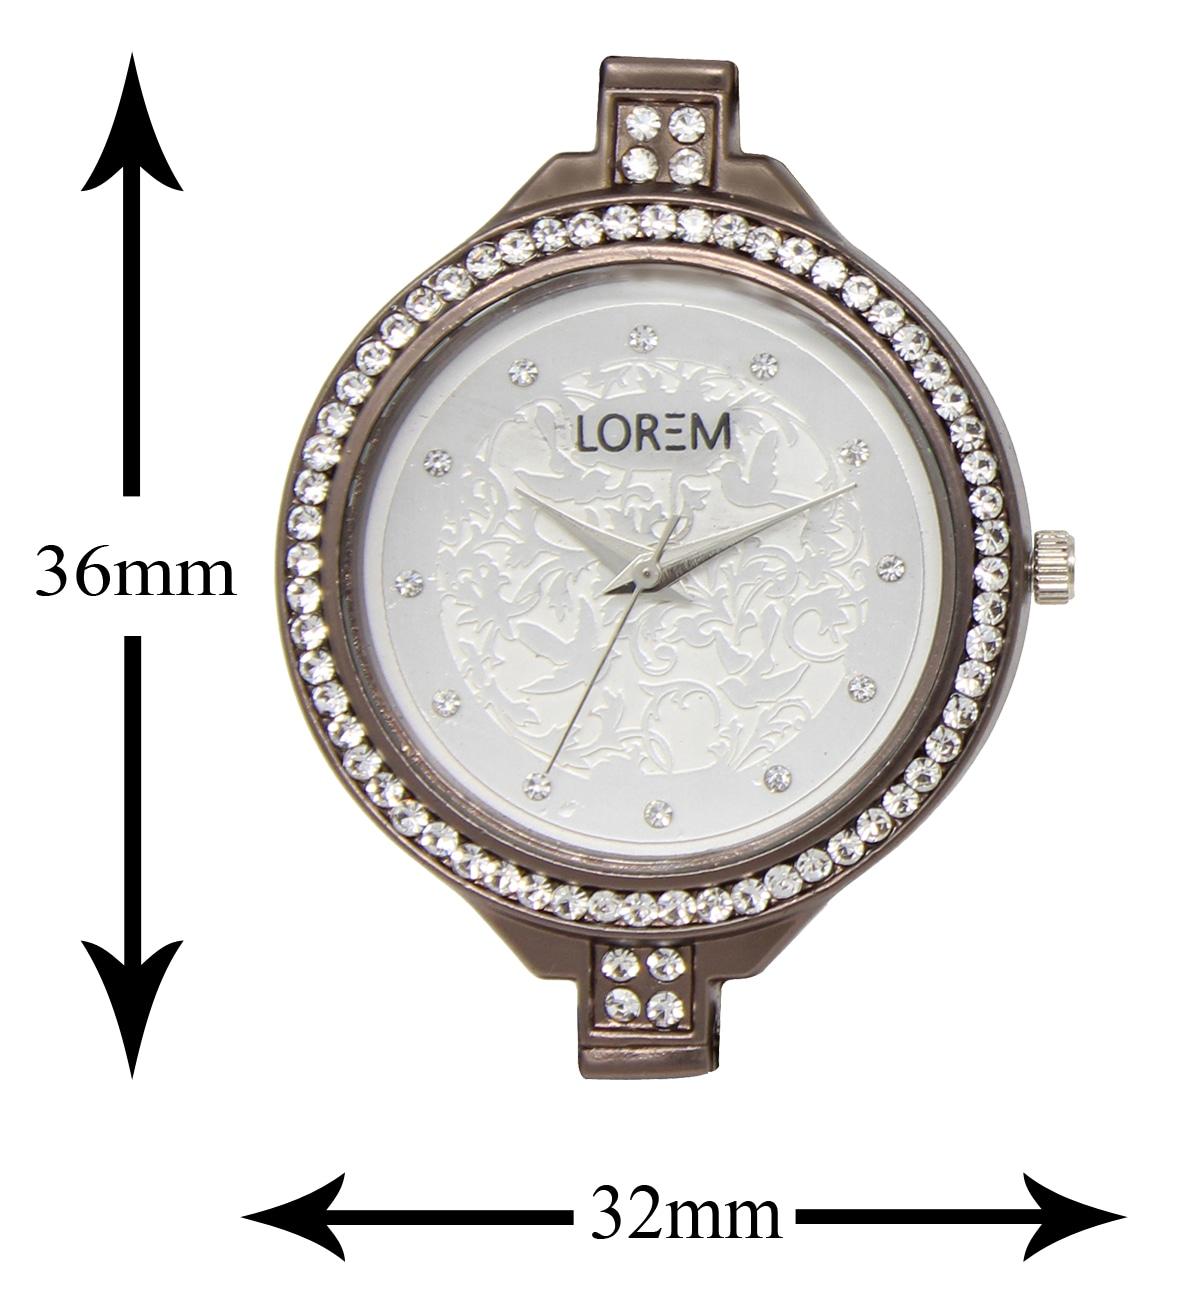 LOREM Analogue White Dial  Strap Fashion Wrist  Watch For Women